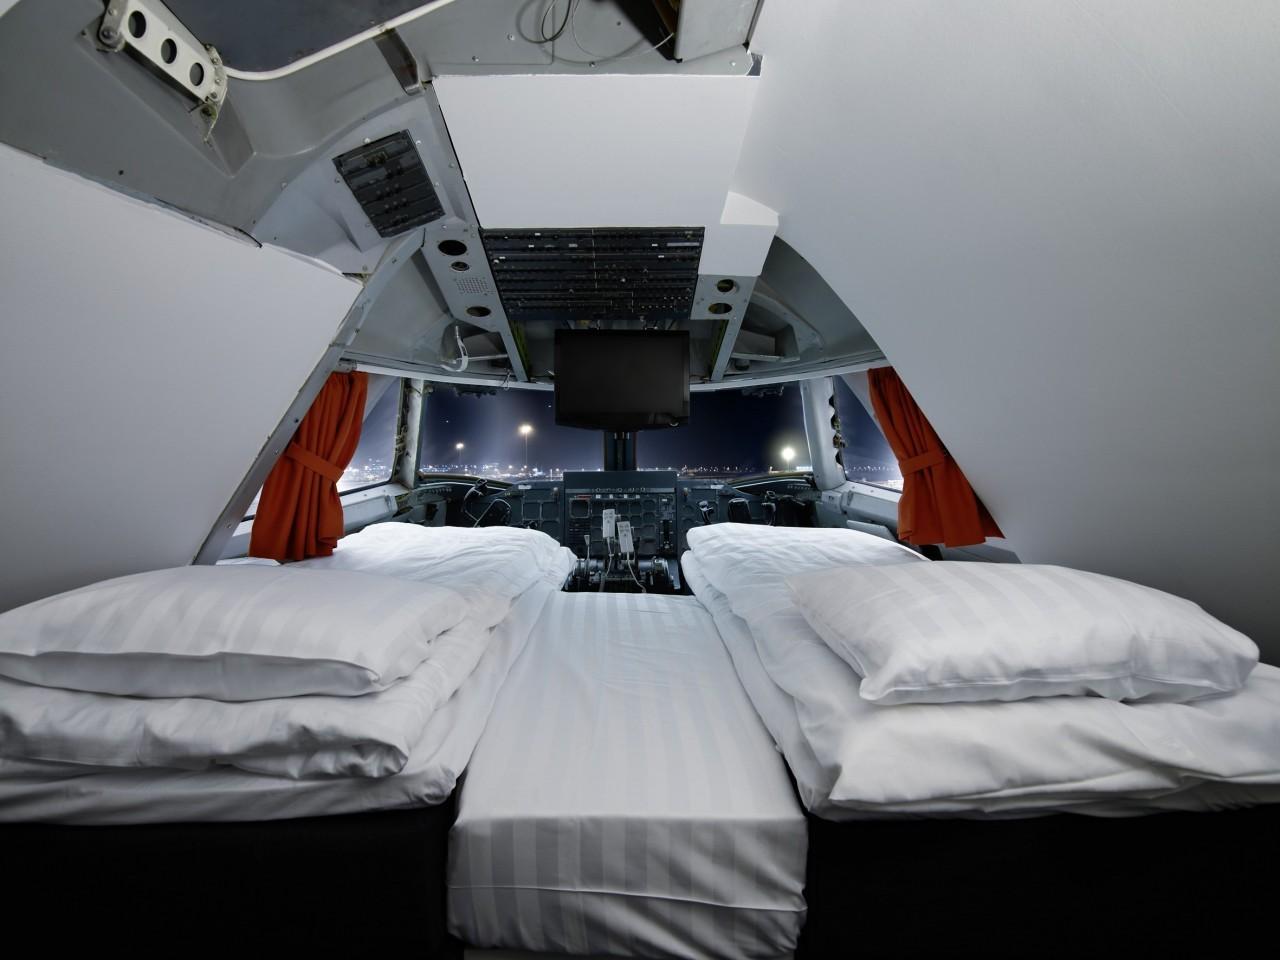 Dormir dans le cockpit d'un avion